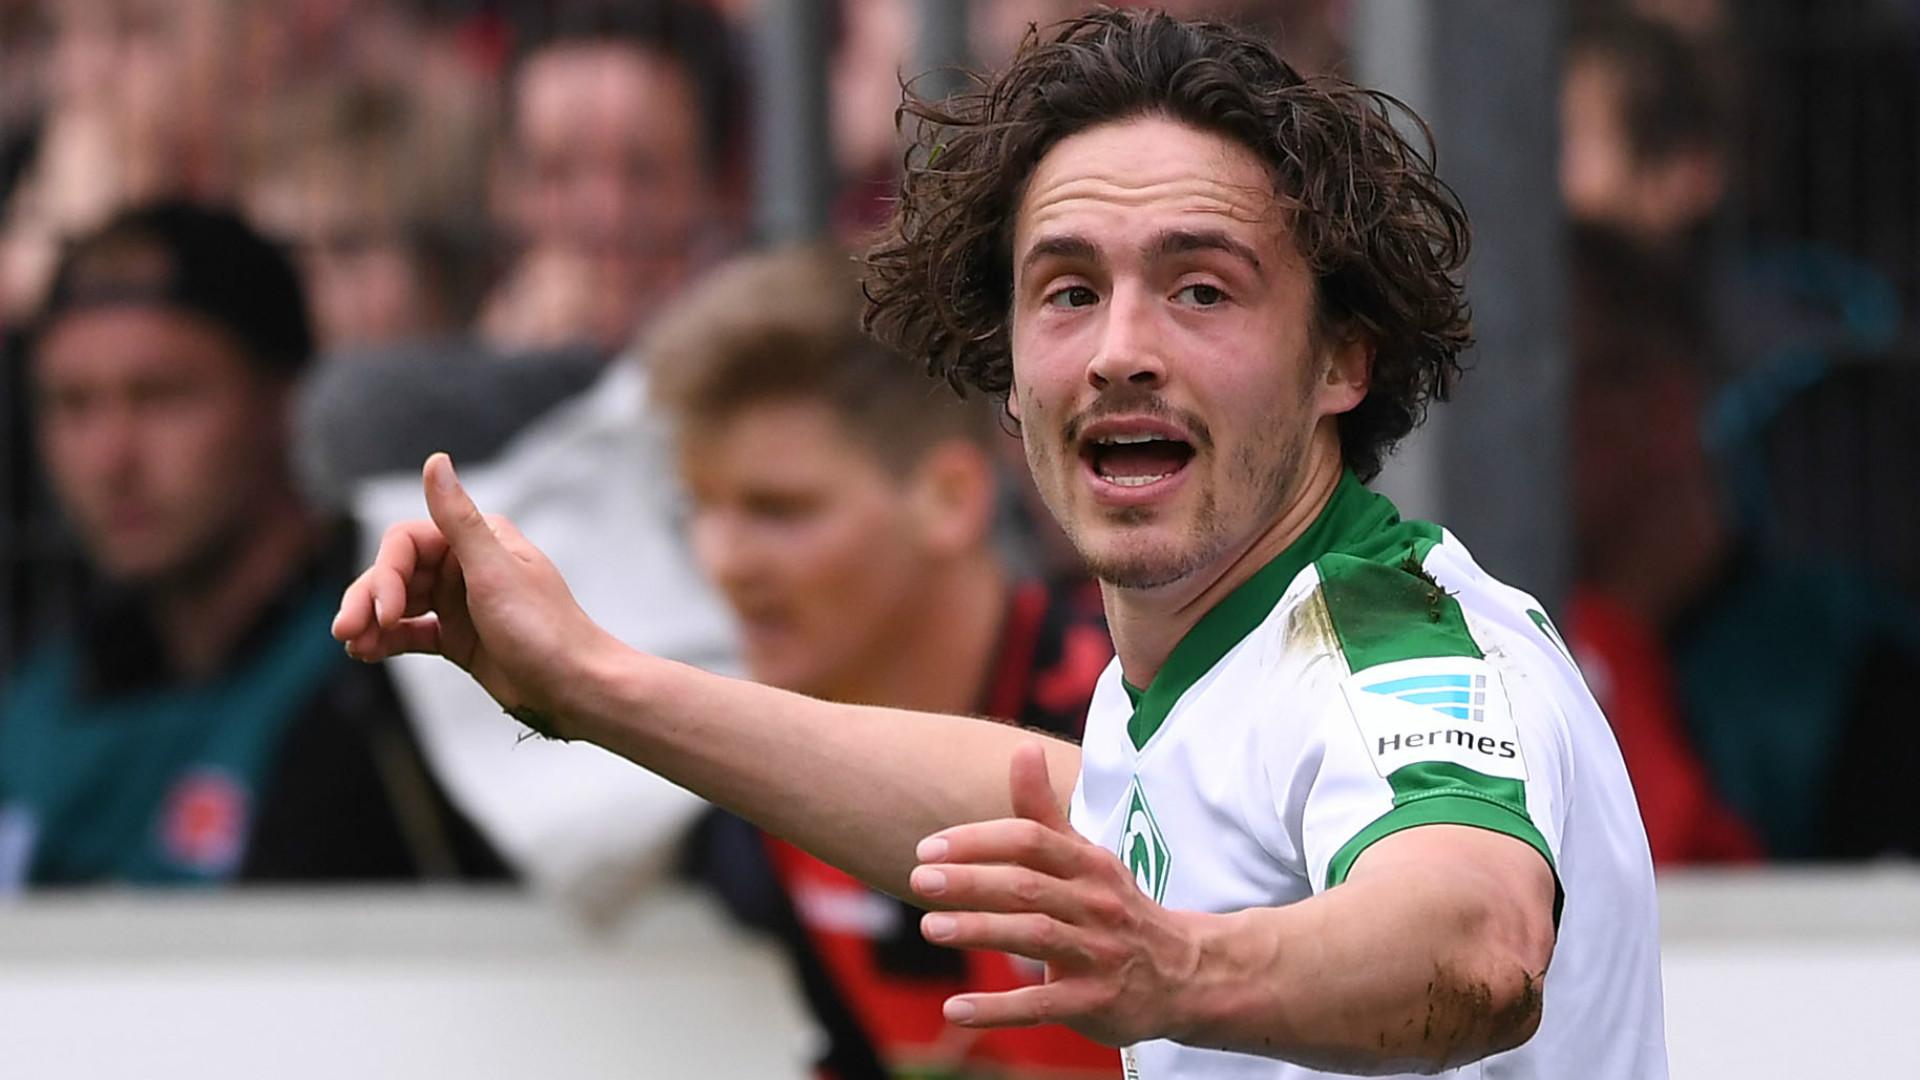 Werder bestätigt 12-Millionen-Angebot für Delaney